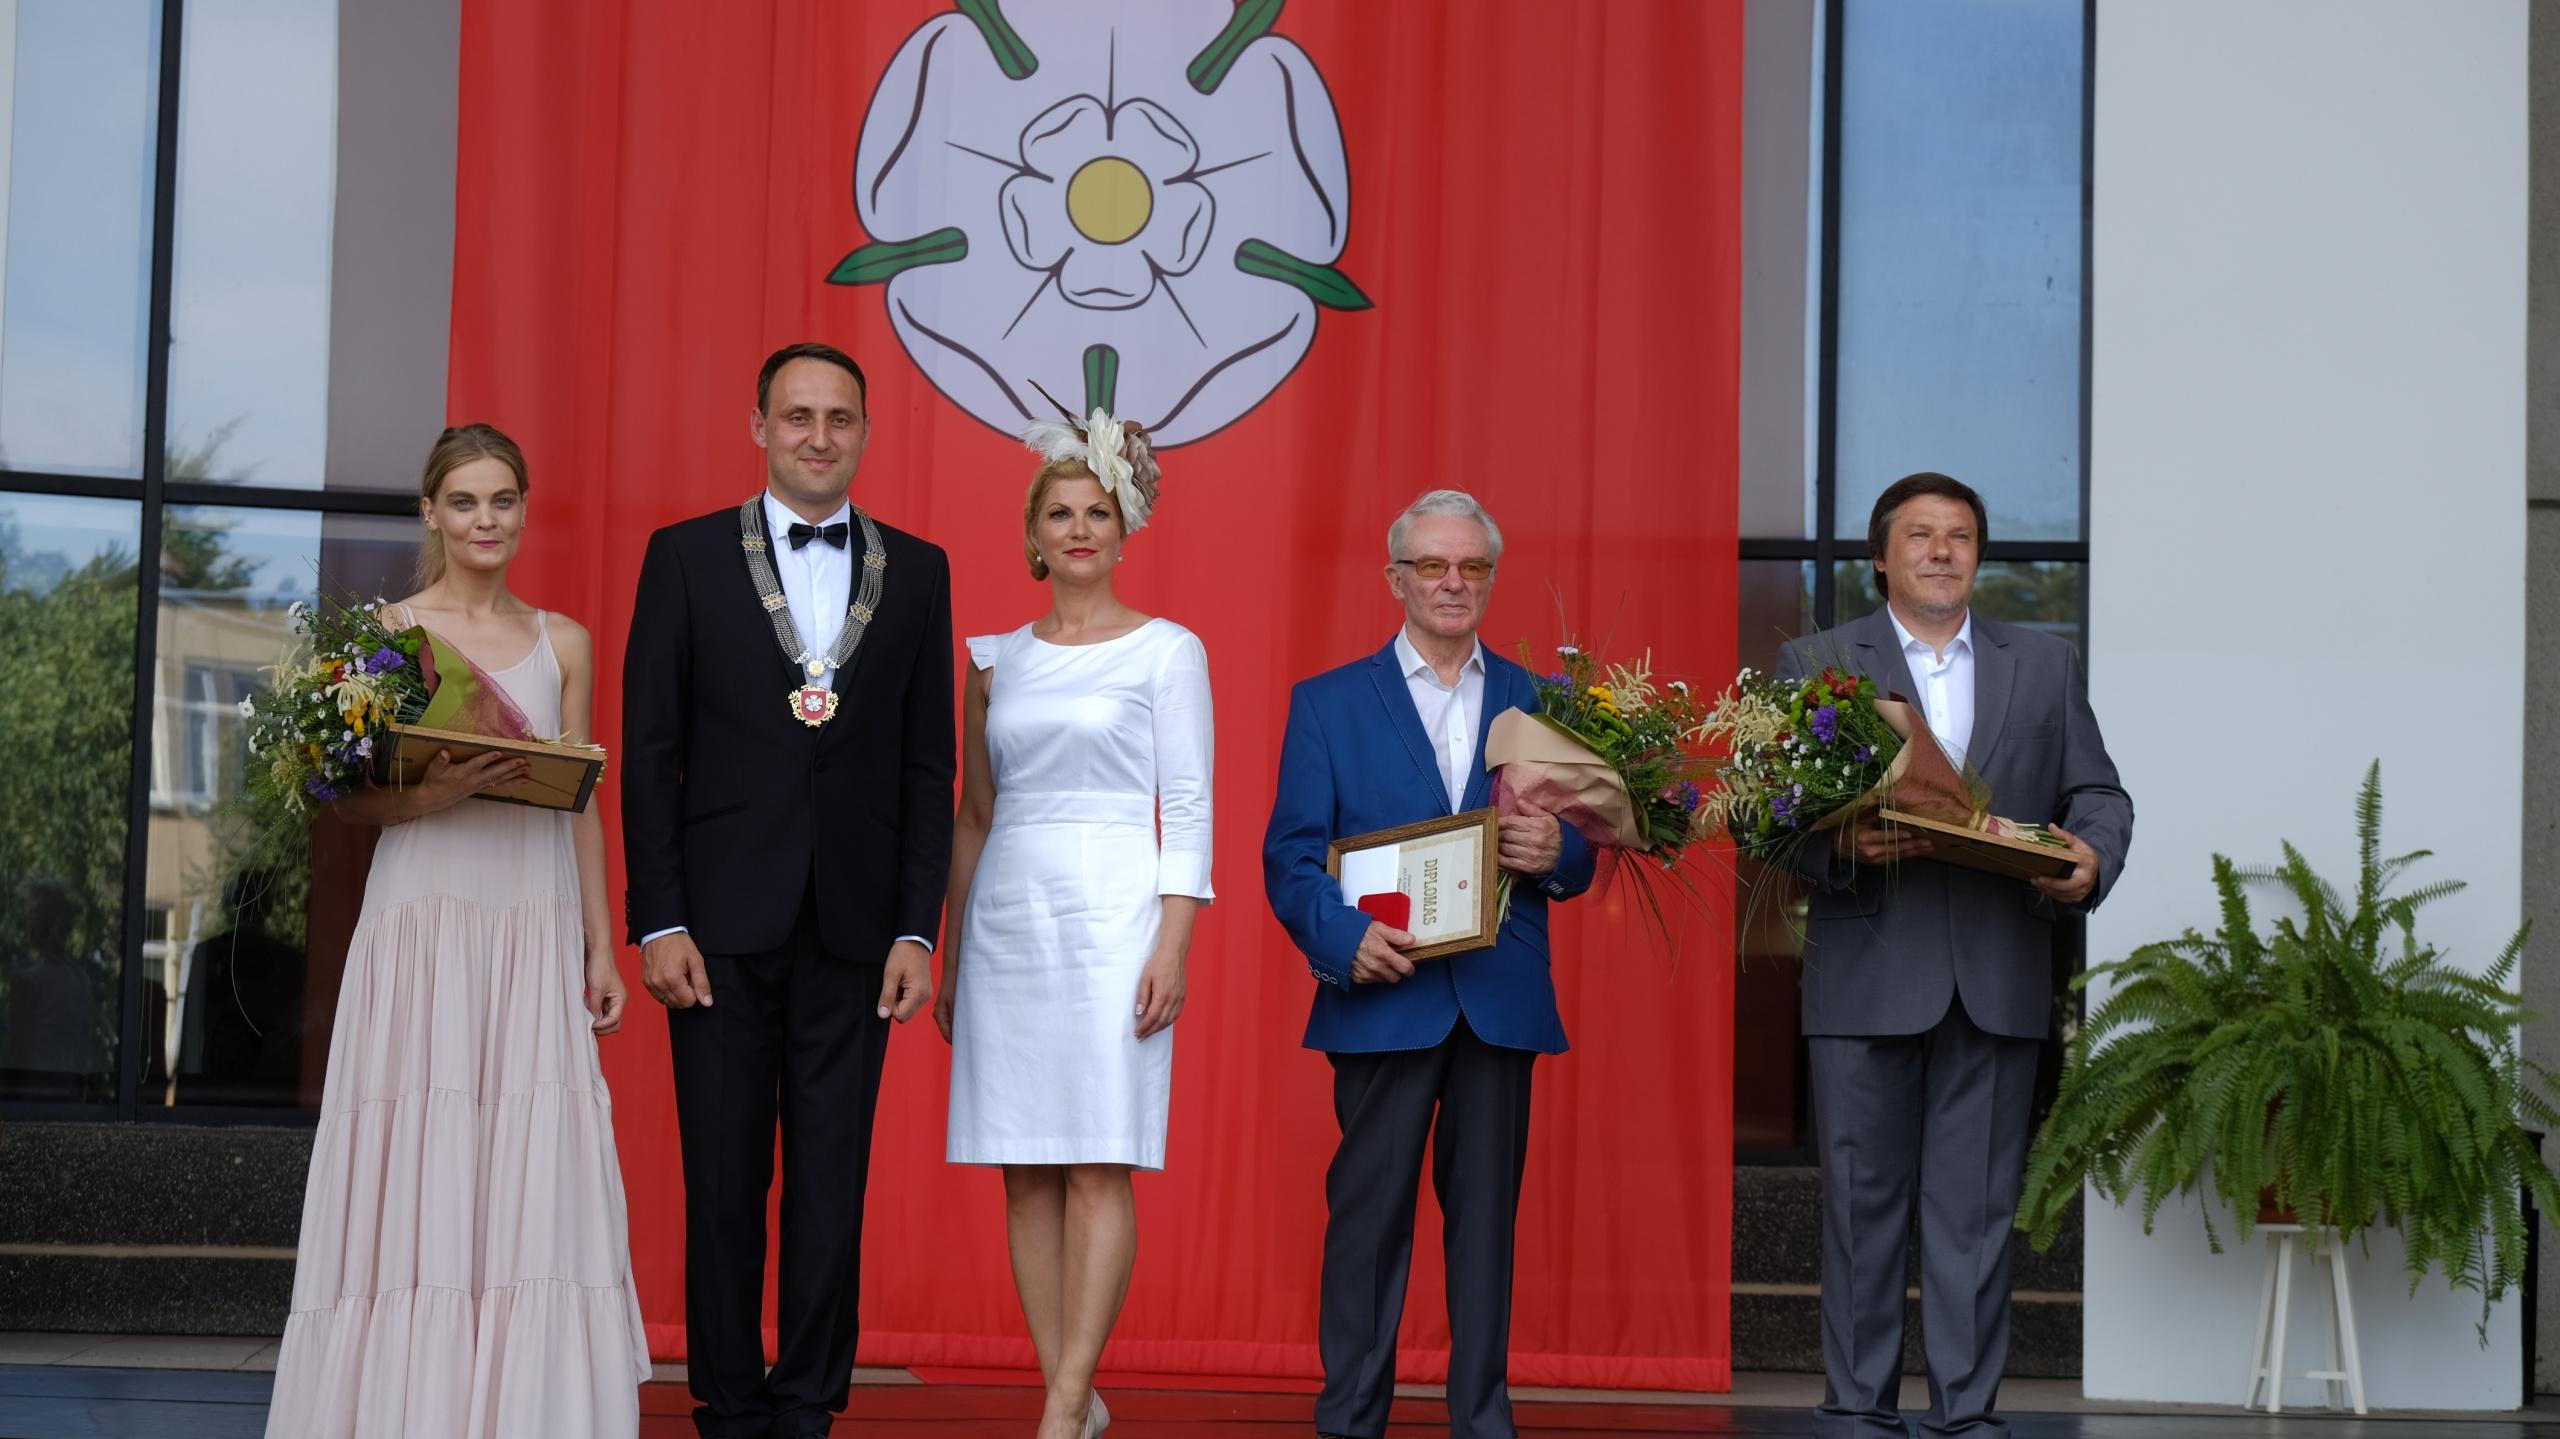 Laukiama kandidatų trims Alytaus miesto savivaldybės kultūros premijoms 1